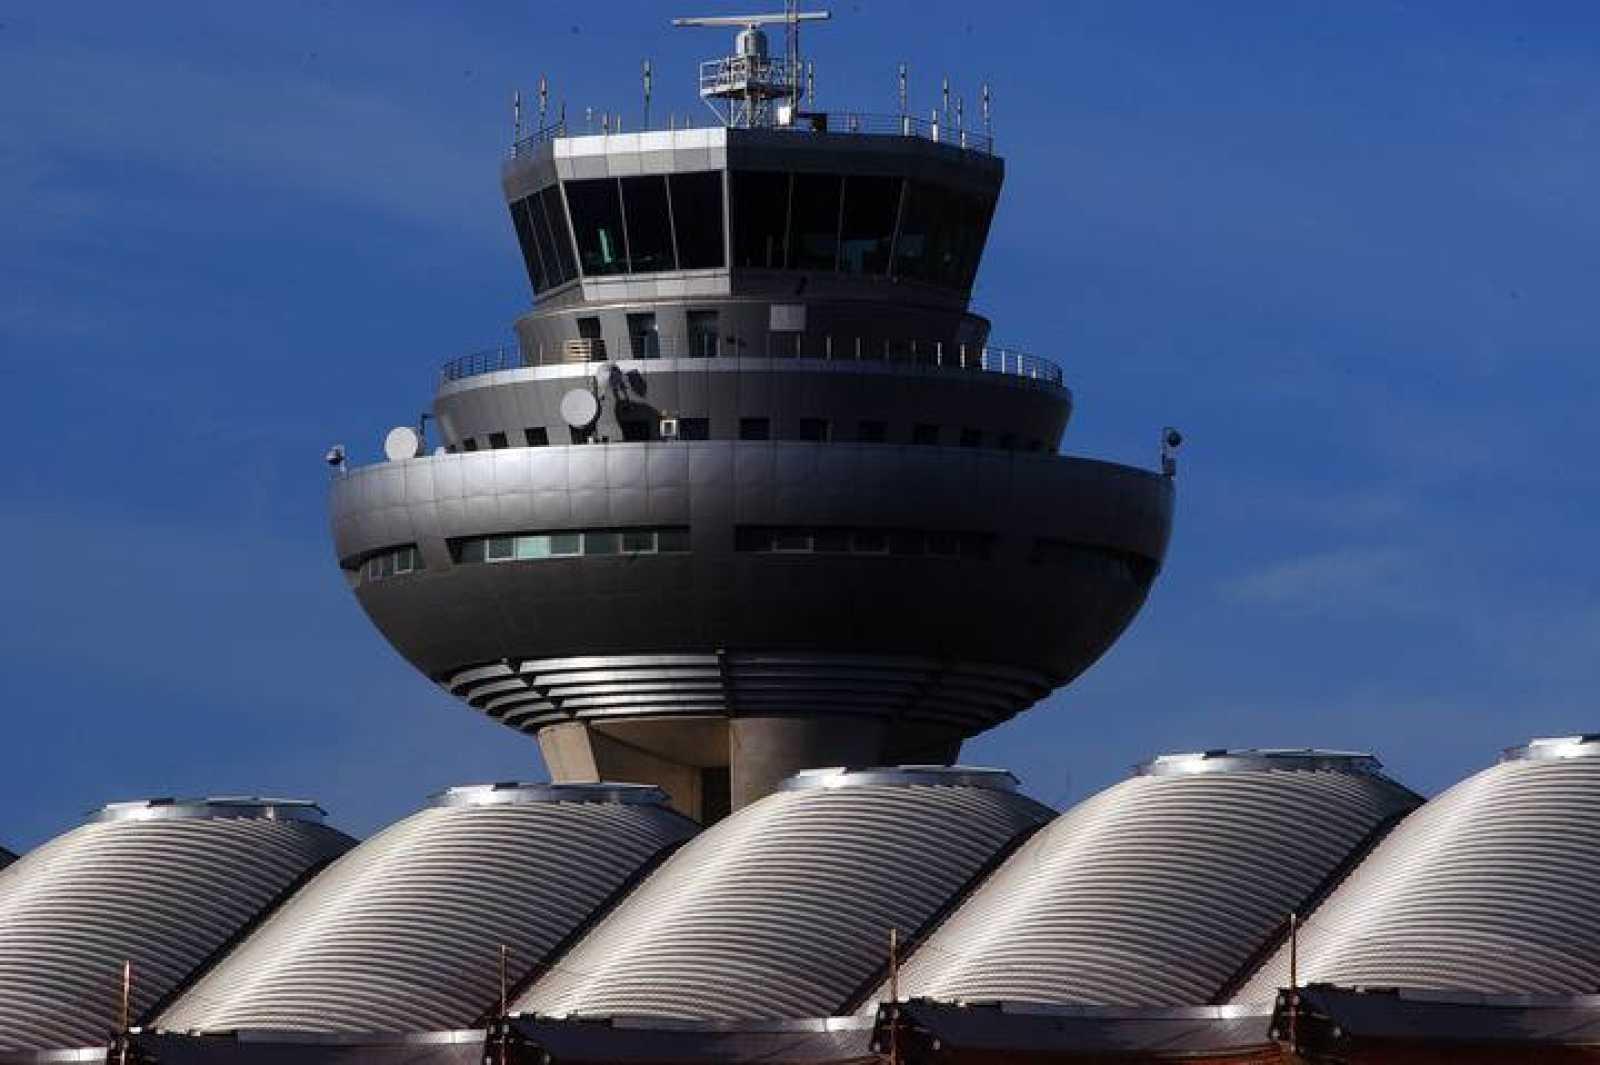 Vista de las plantas superiores de la torre de control del Aeropuerto Adolfo Suárez Madrid-Barajas